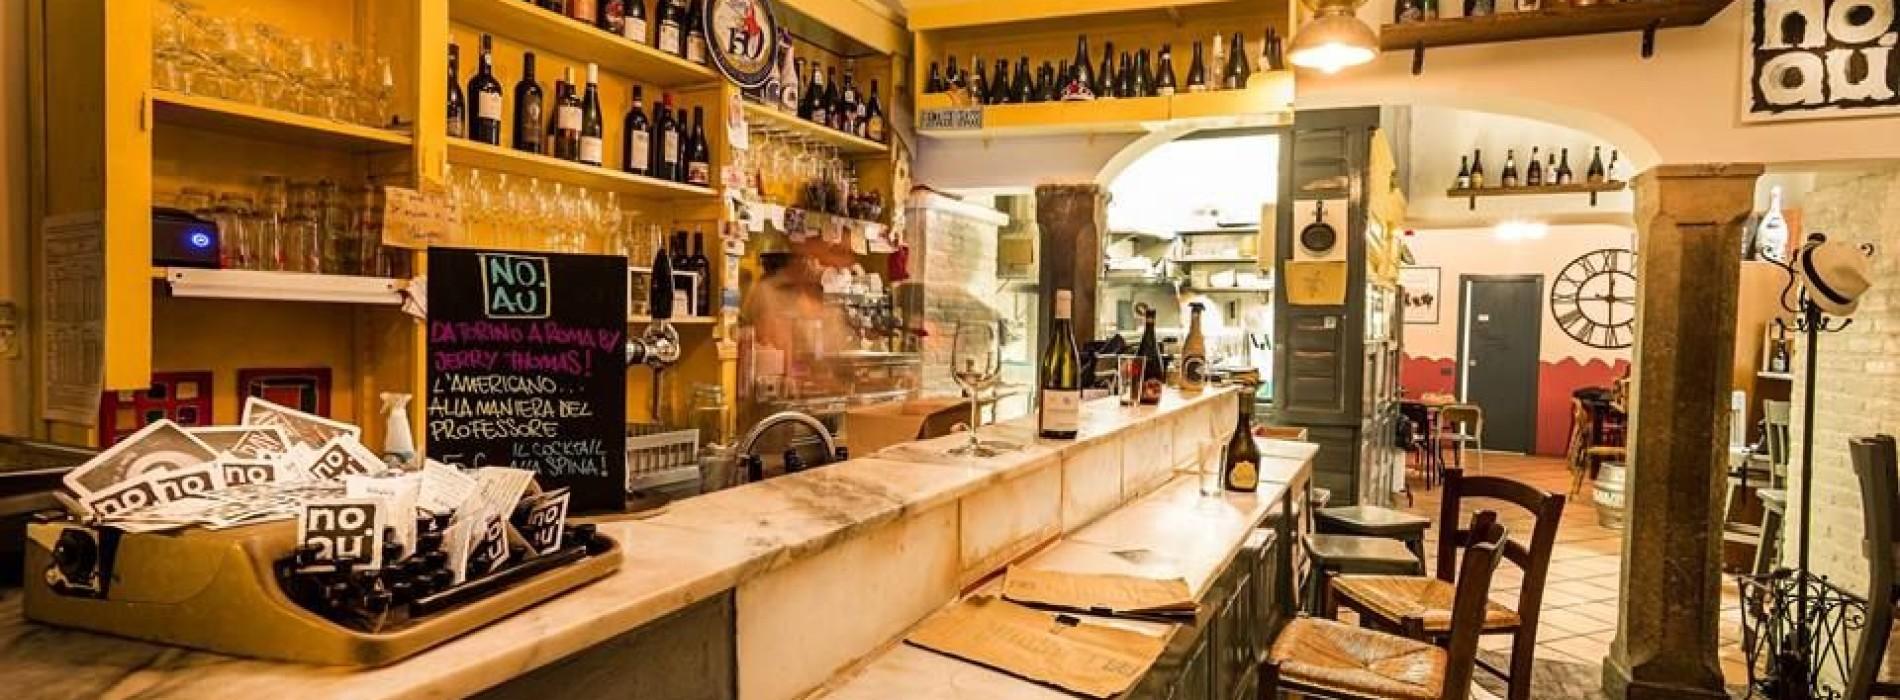 Mangiare al centro di Roma, dieci ristoranti buoni e non (troppo) costosi